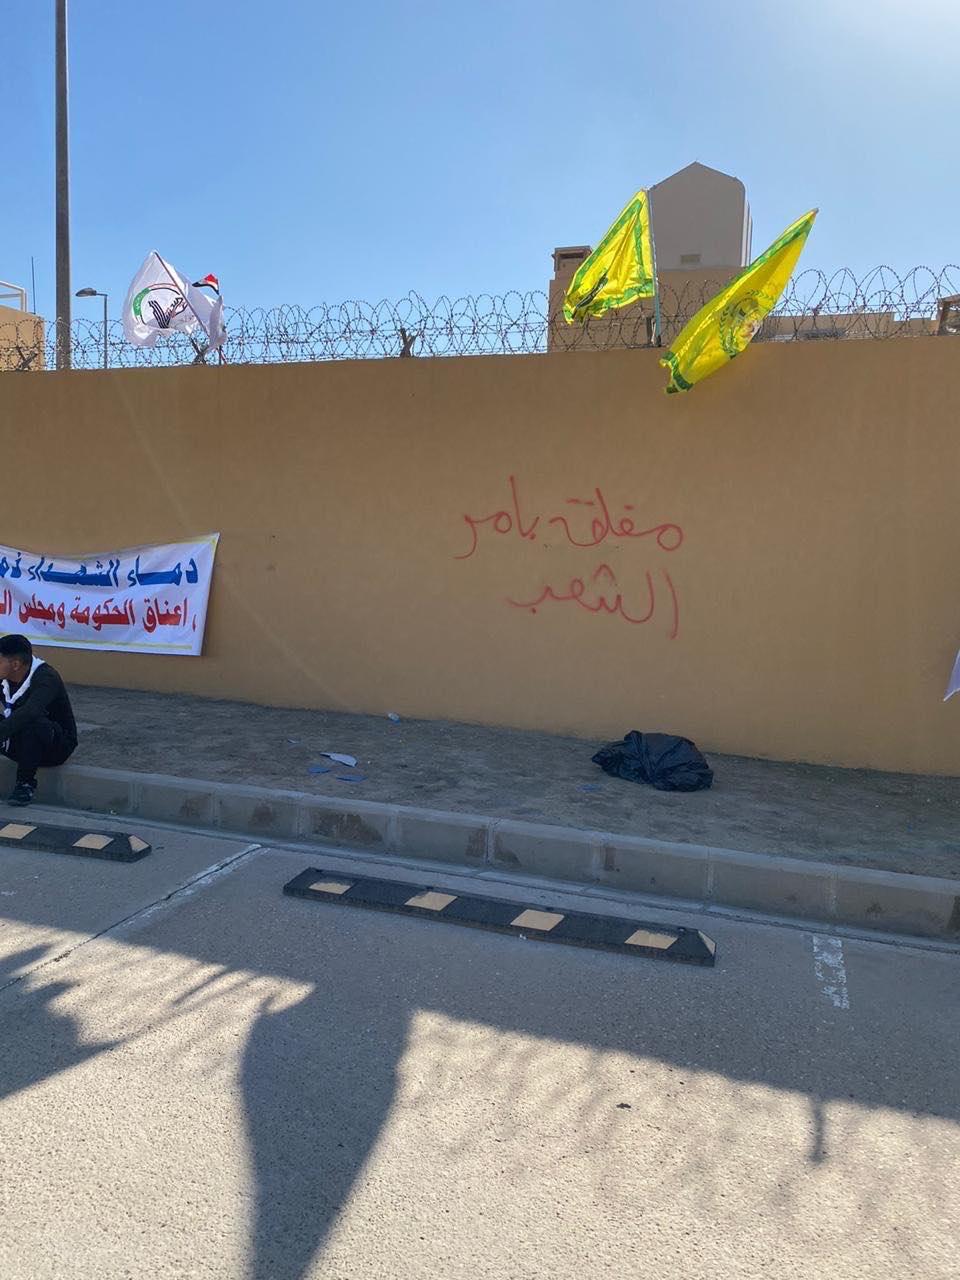 العامري والخزعلي والمهندس يقودون الاحتجاجات أمام السفارة الأميركية (صور وفيديو)